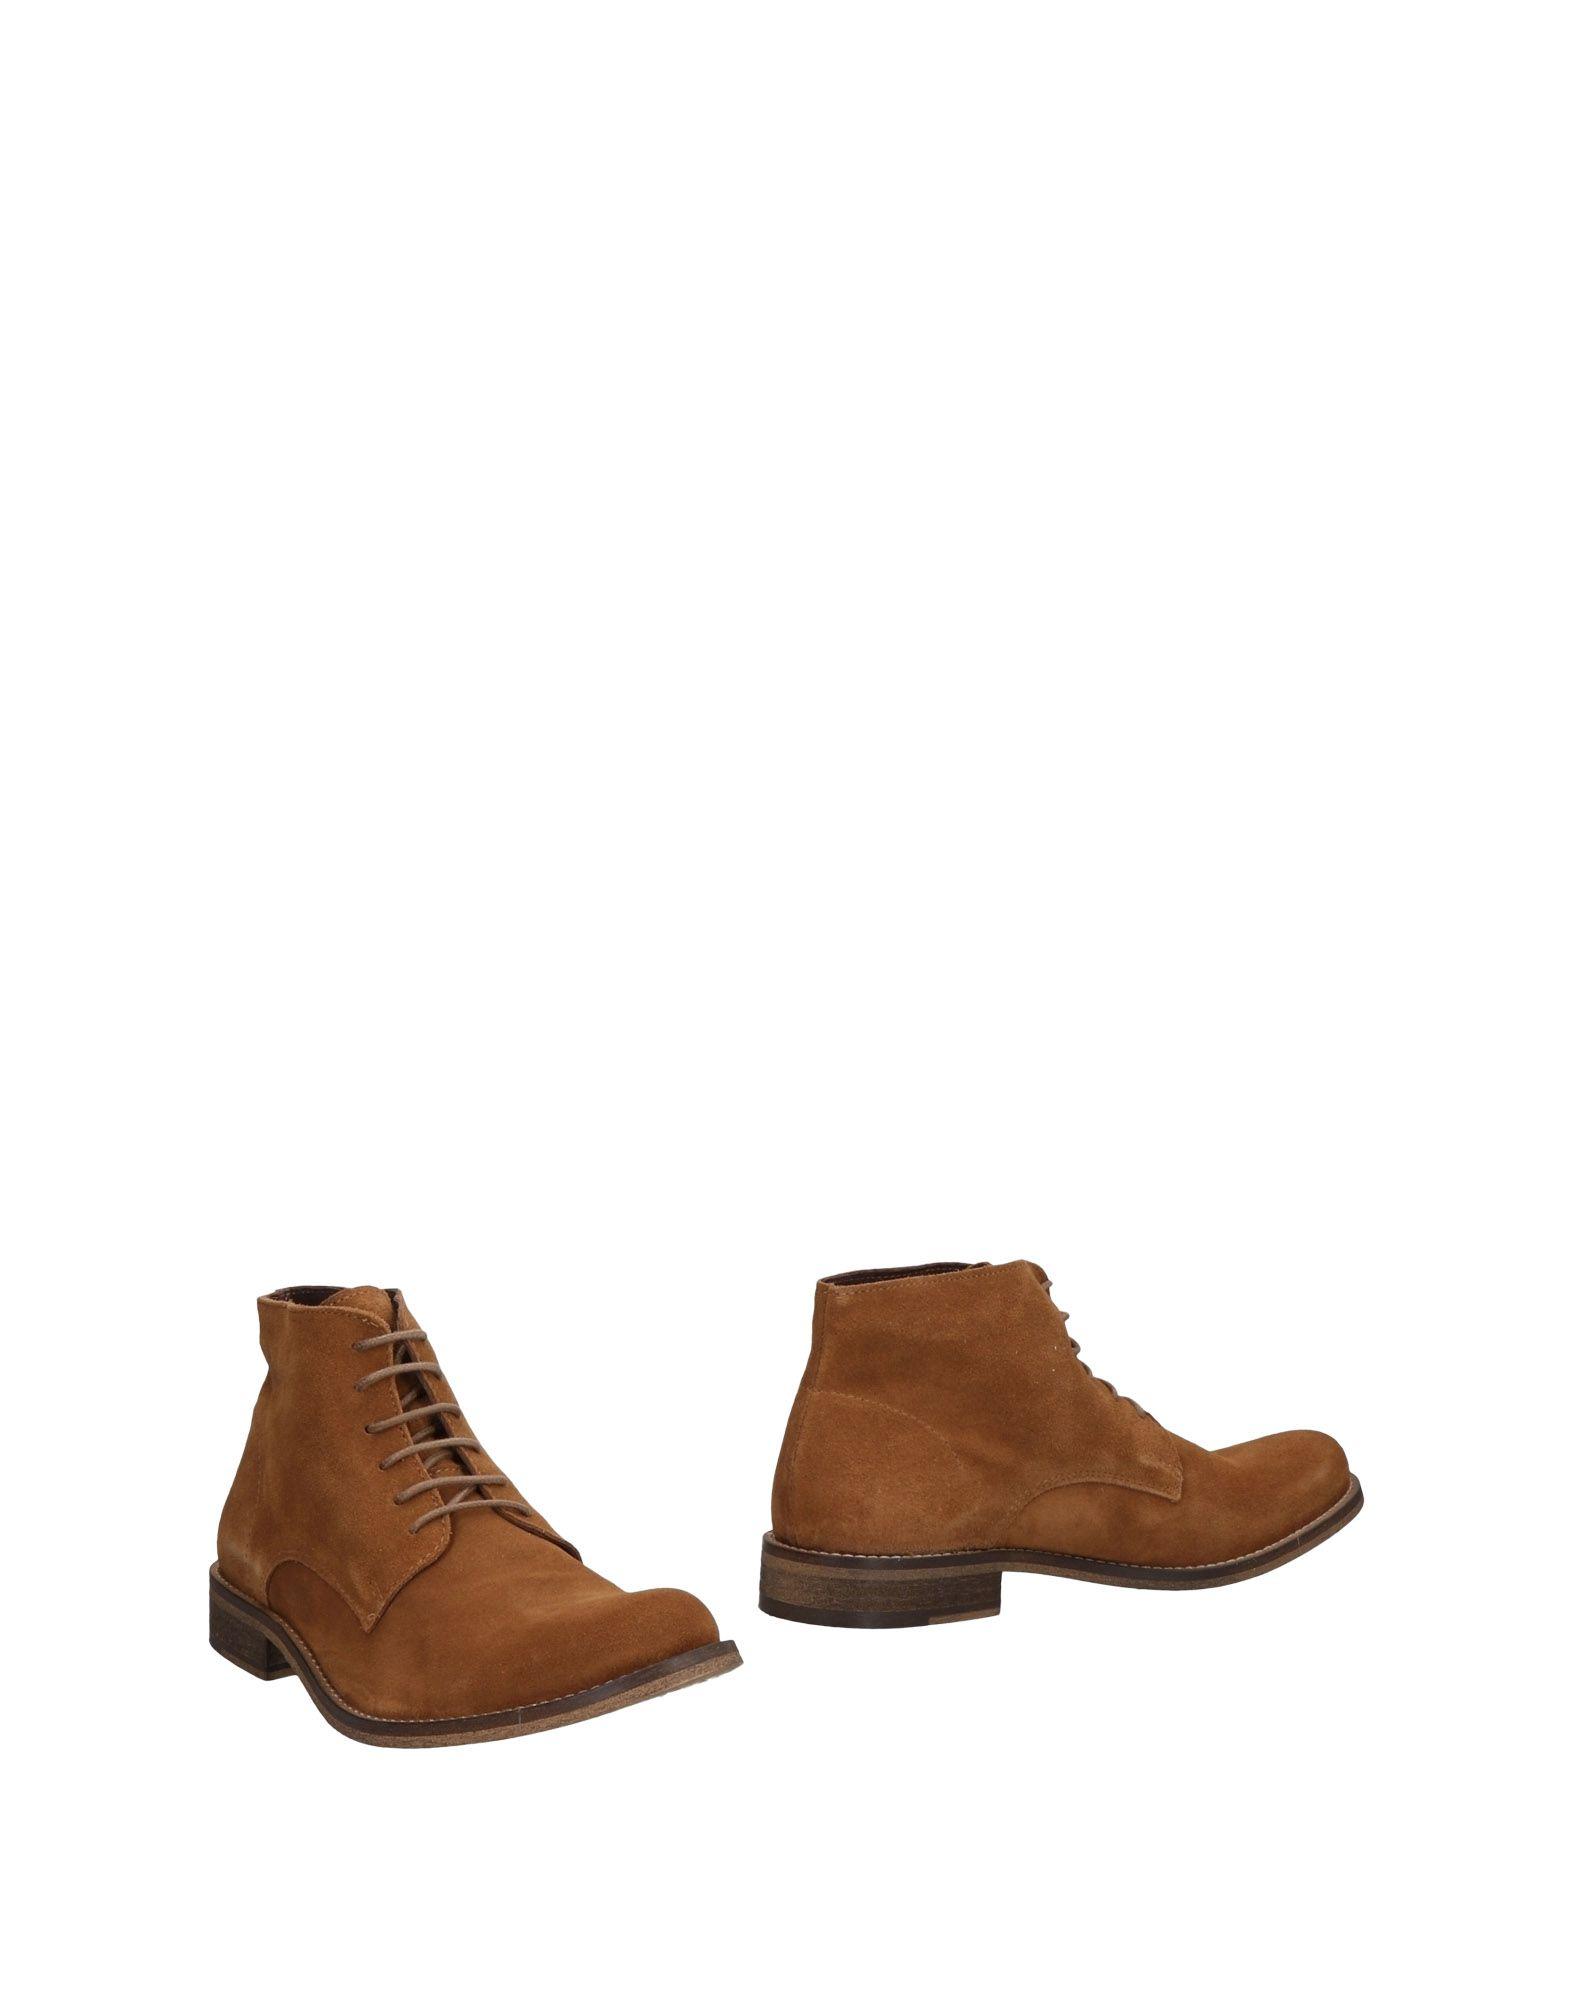 Rabatt echte Schuhe Selected Homme Stiefelette Herren  11468757JL